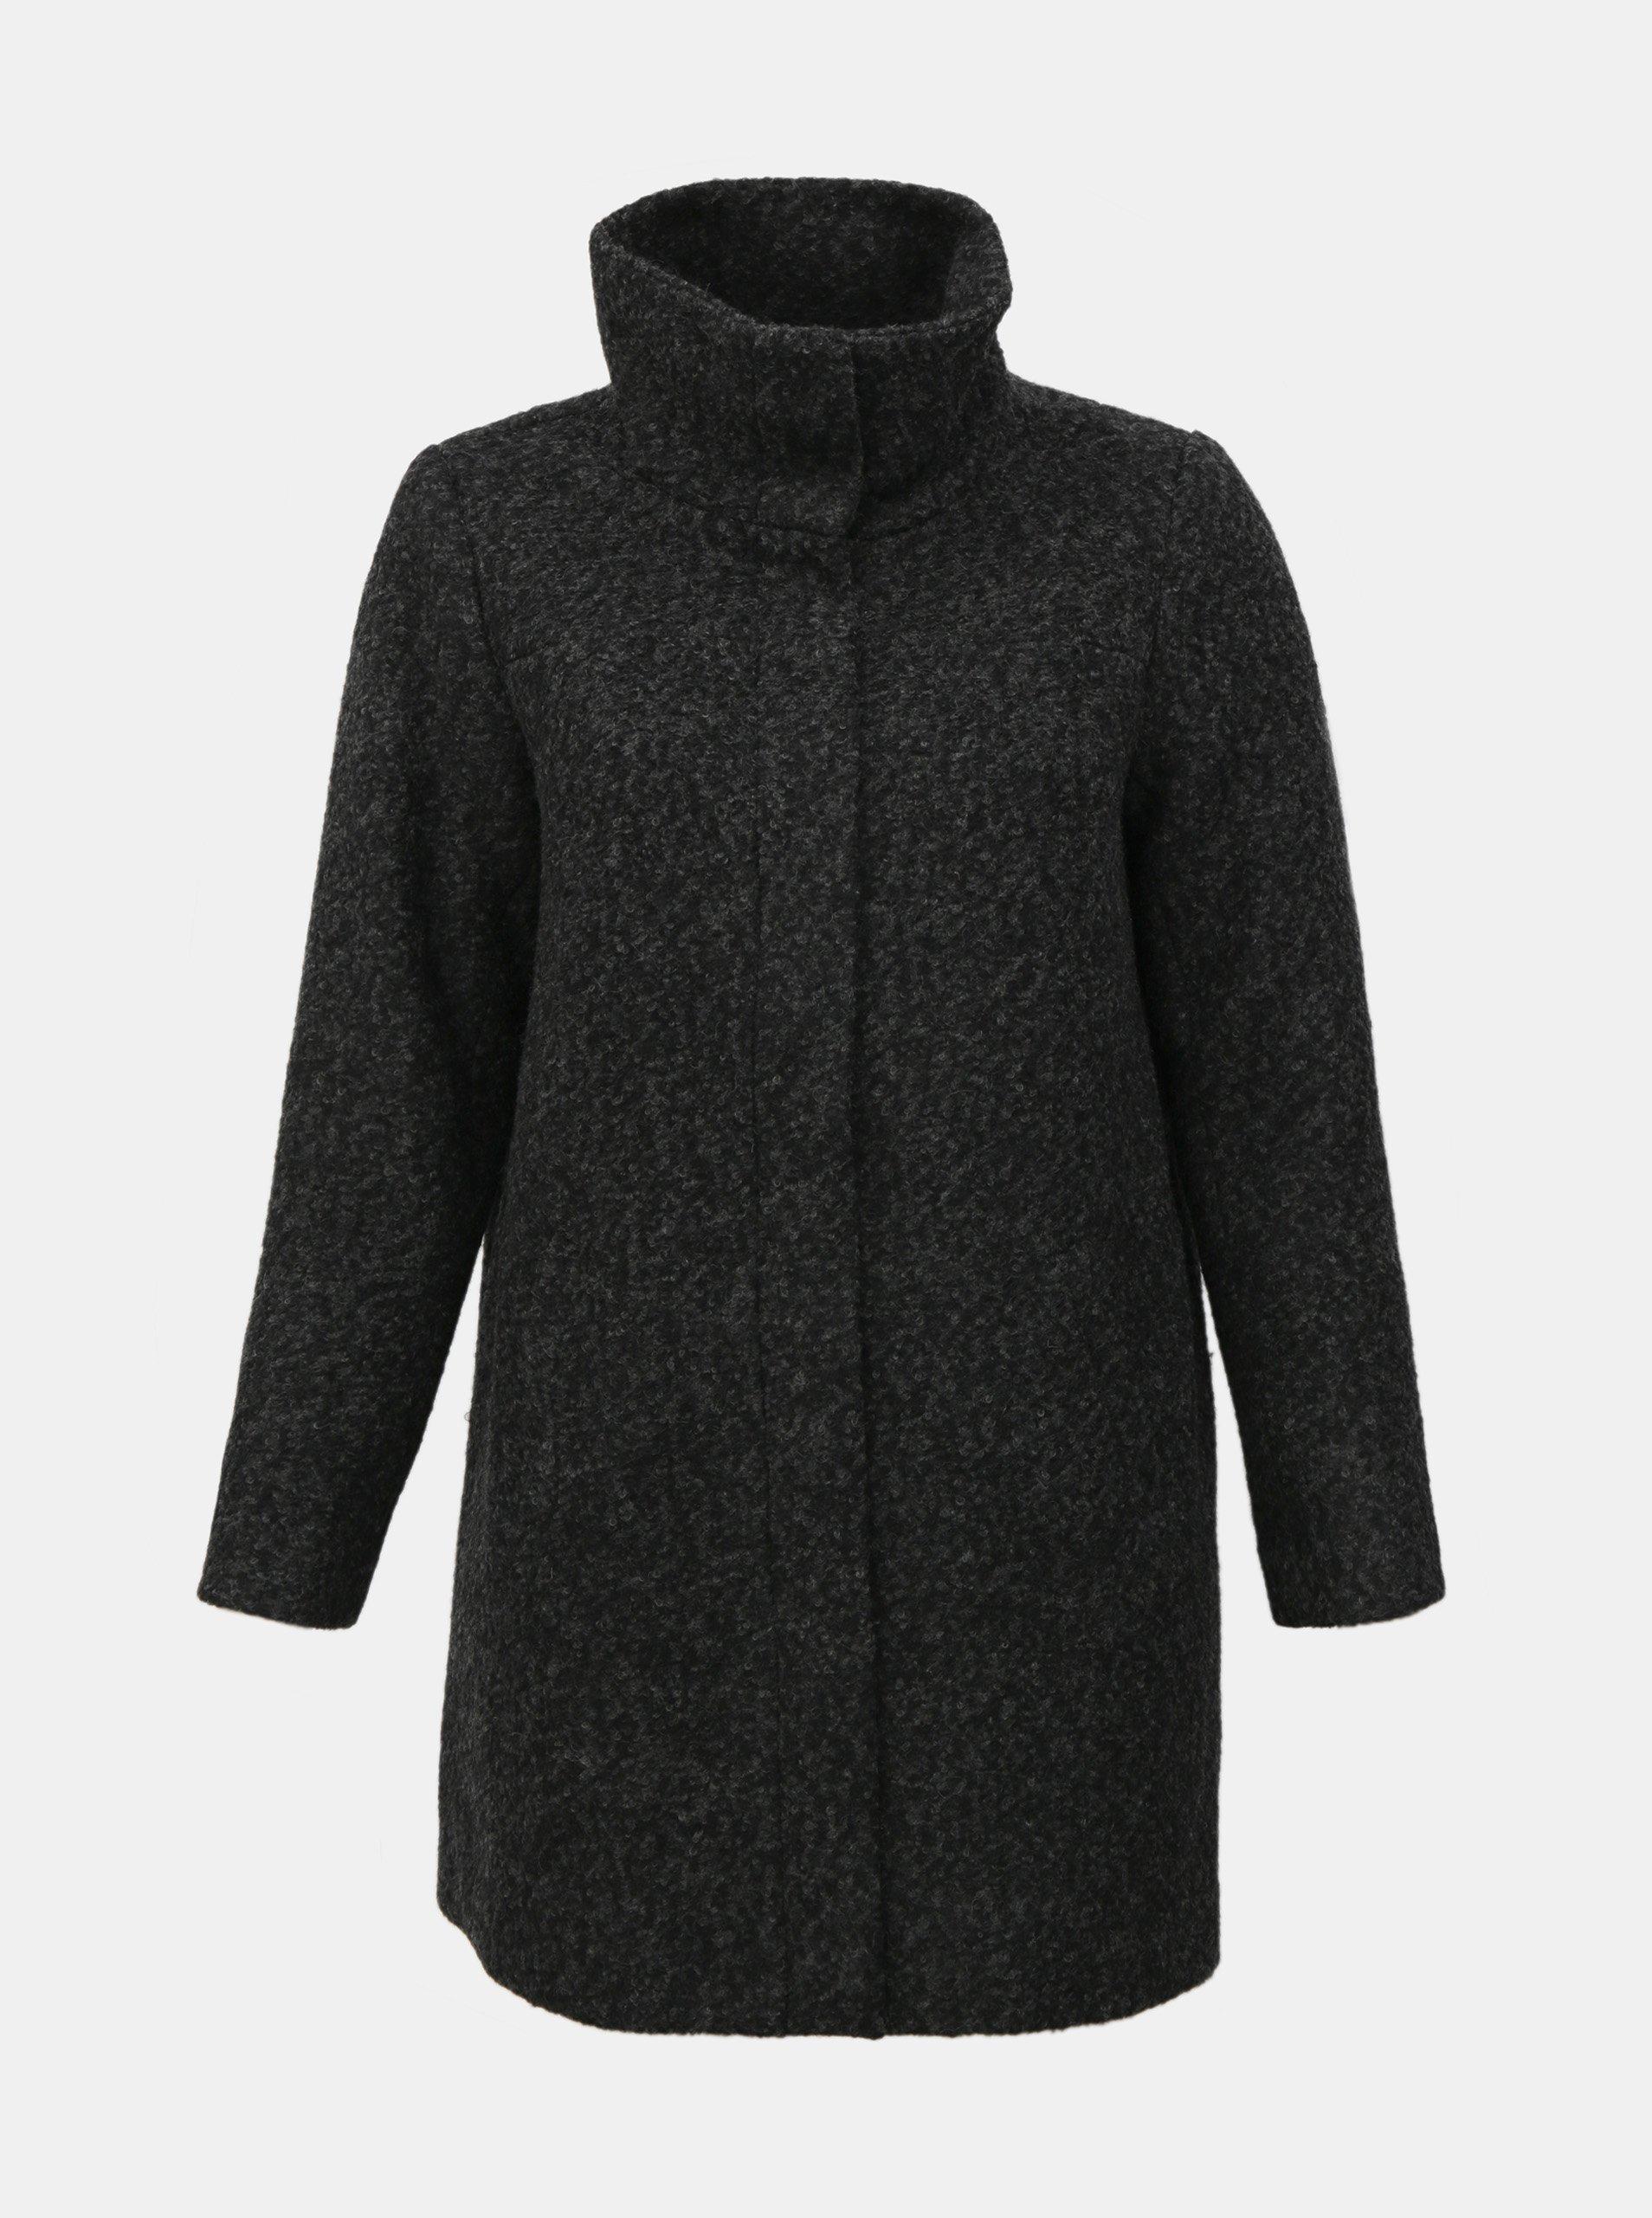 Tmavě šedý zimní kabát s příměsí vlny Zizzi